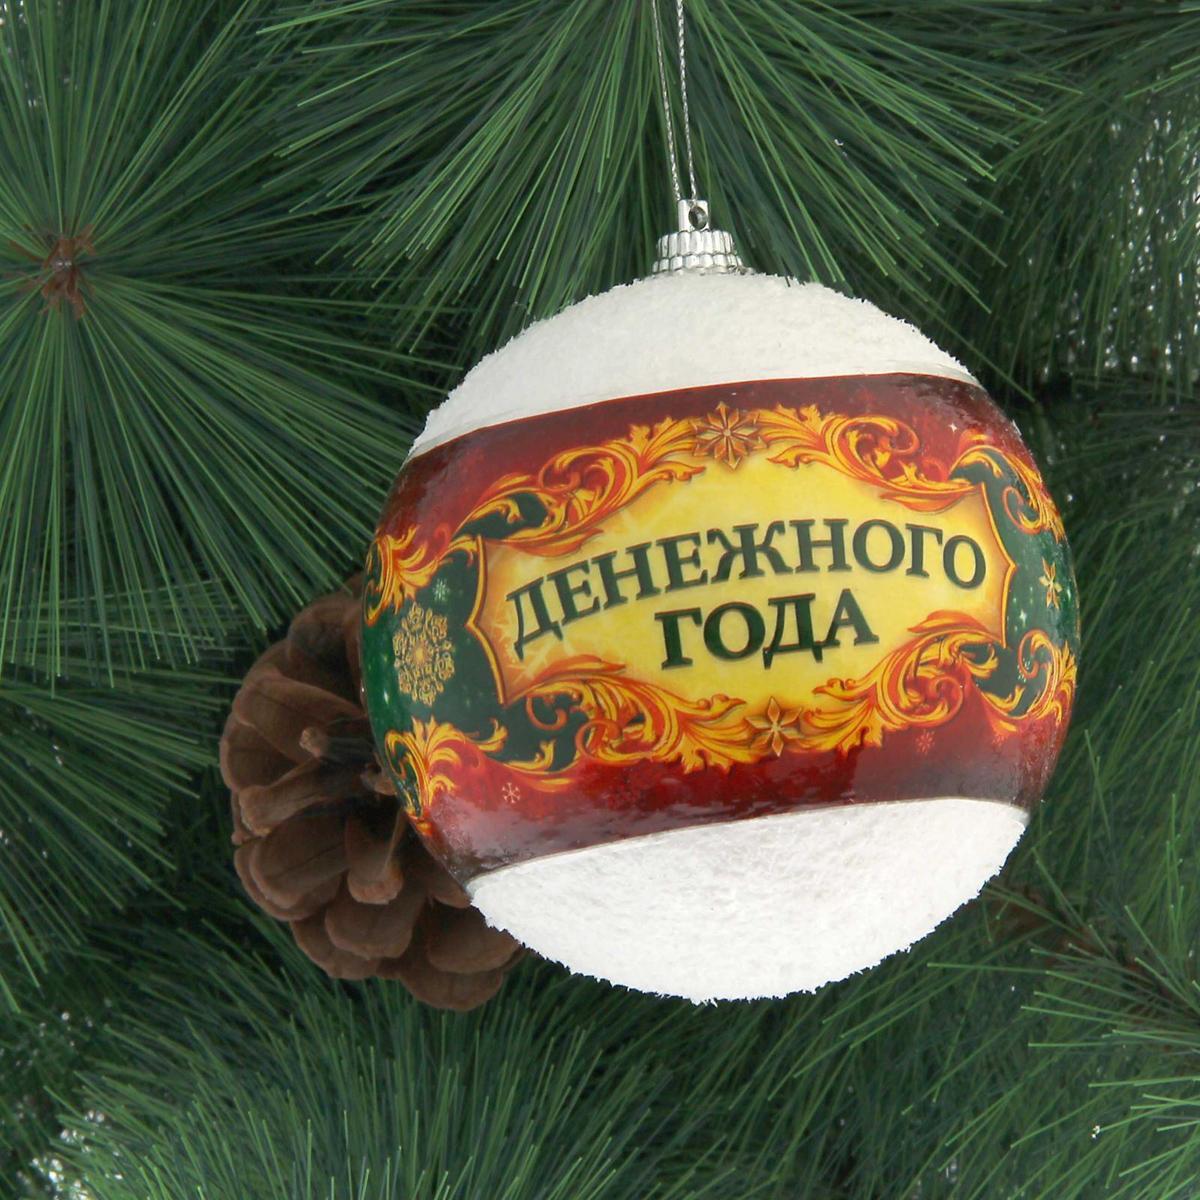 Новогоднее подвесное украшение Sima-land Денежного года, диаметр 8 см новогоднее подвесное украшение sima land зимний узор диаметр 8 см